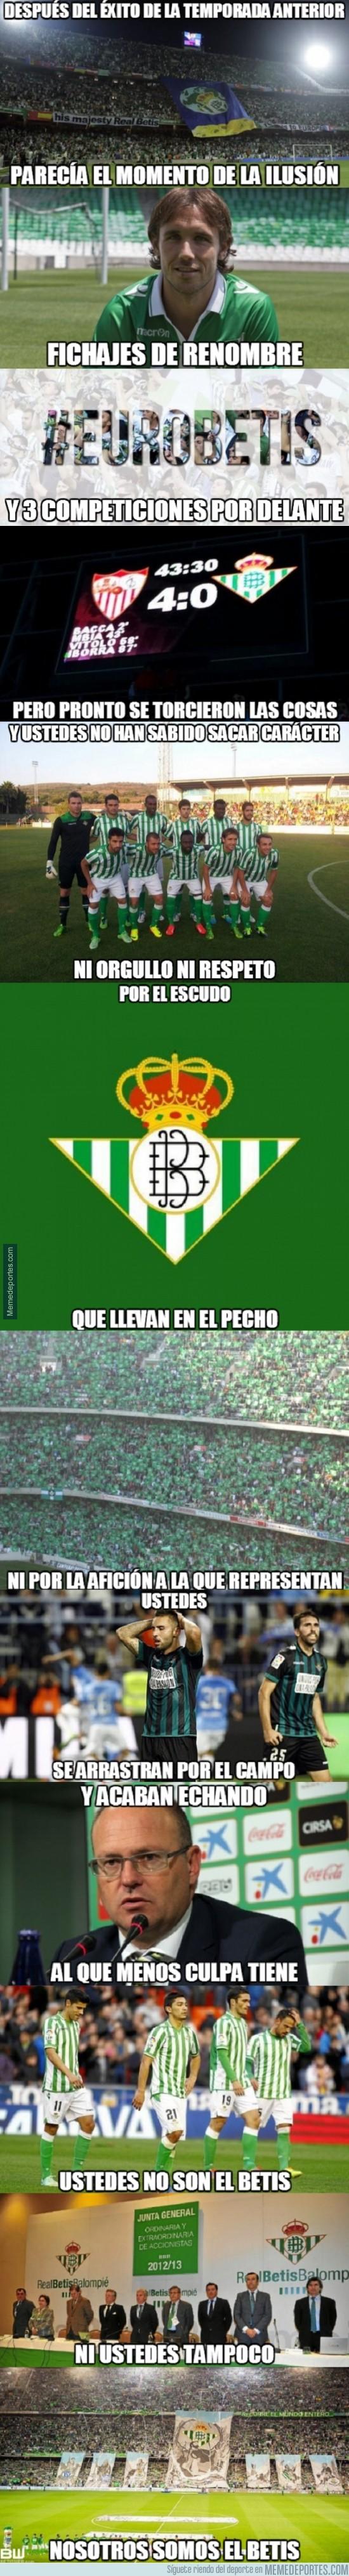 272221 - Nosotros somos el Betis